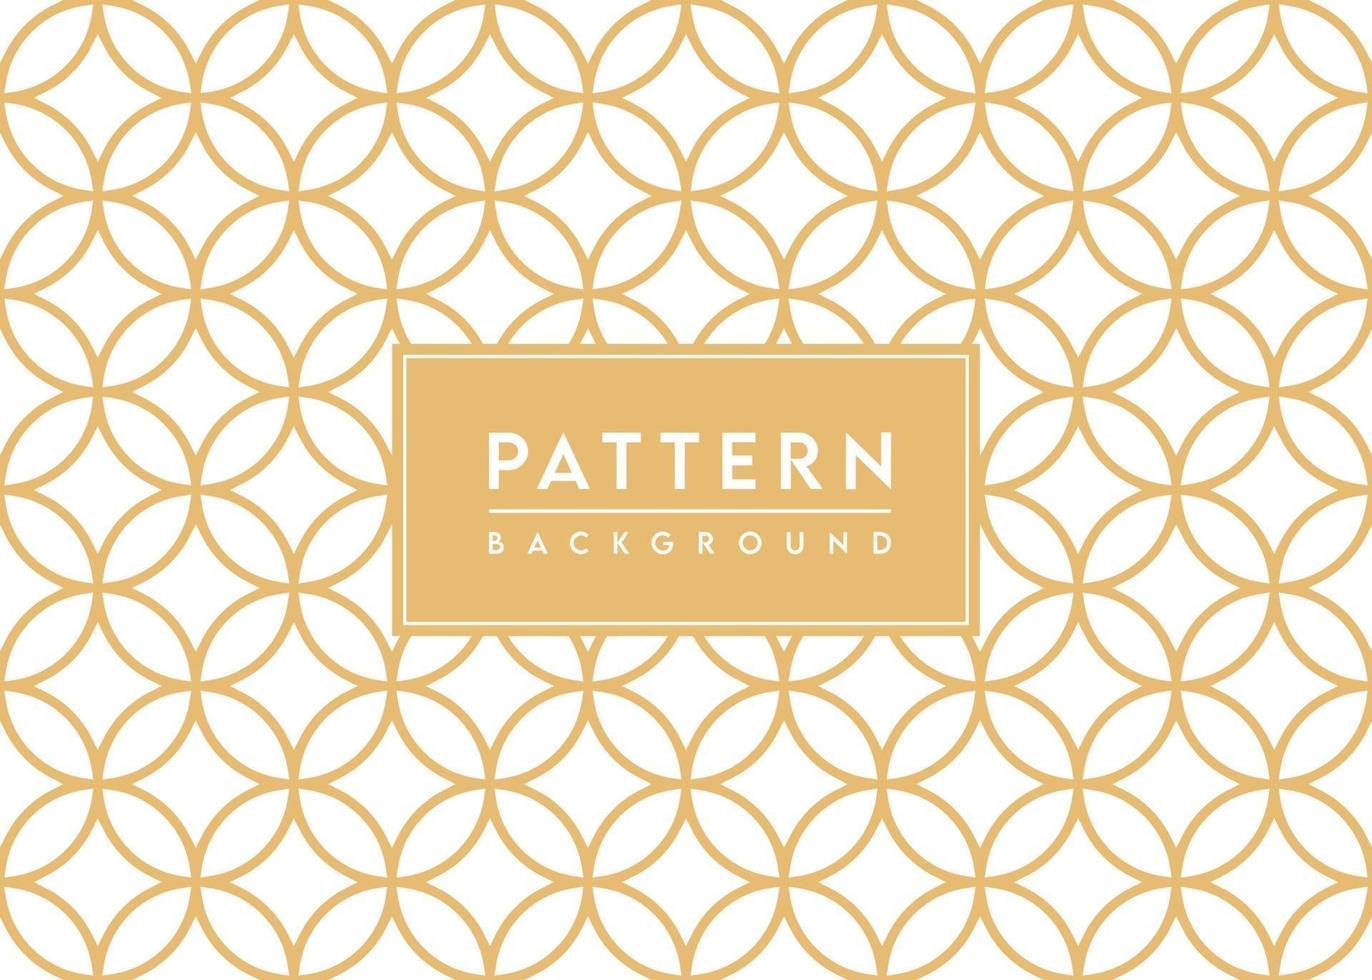 cercle et diamant motif fond texturé vector design